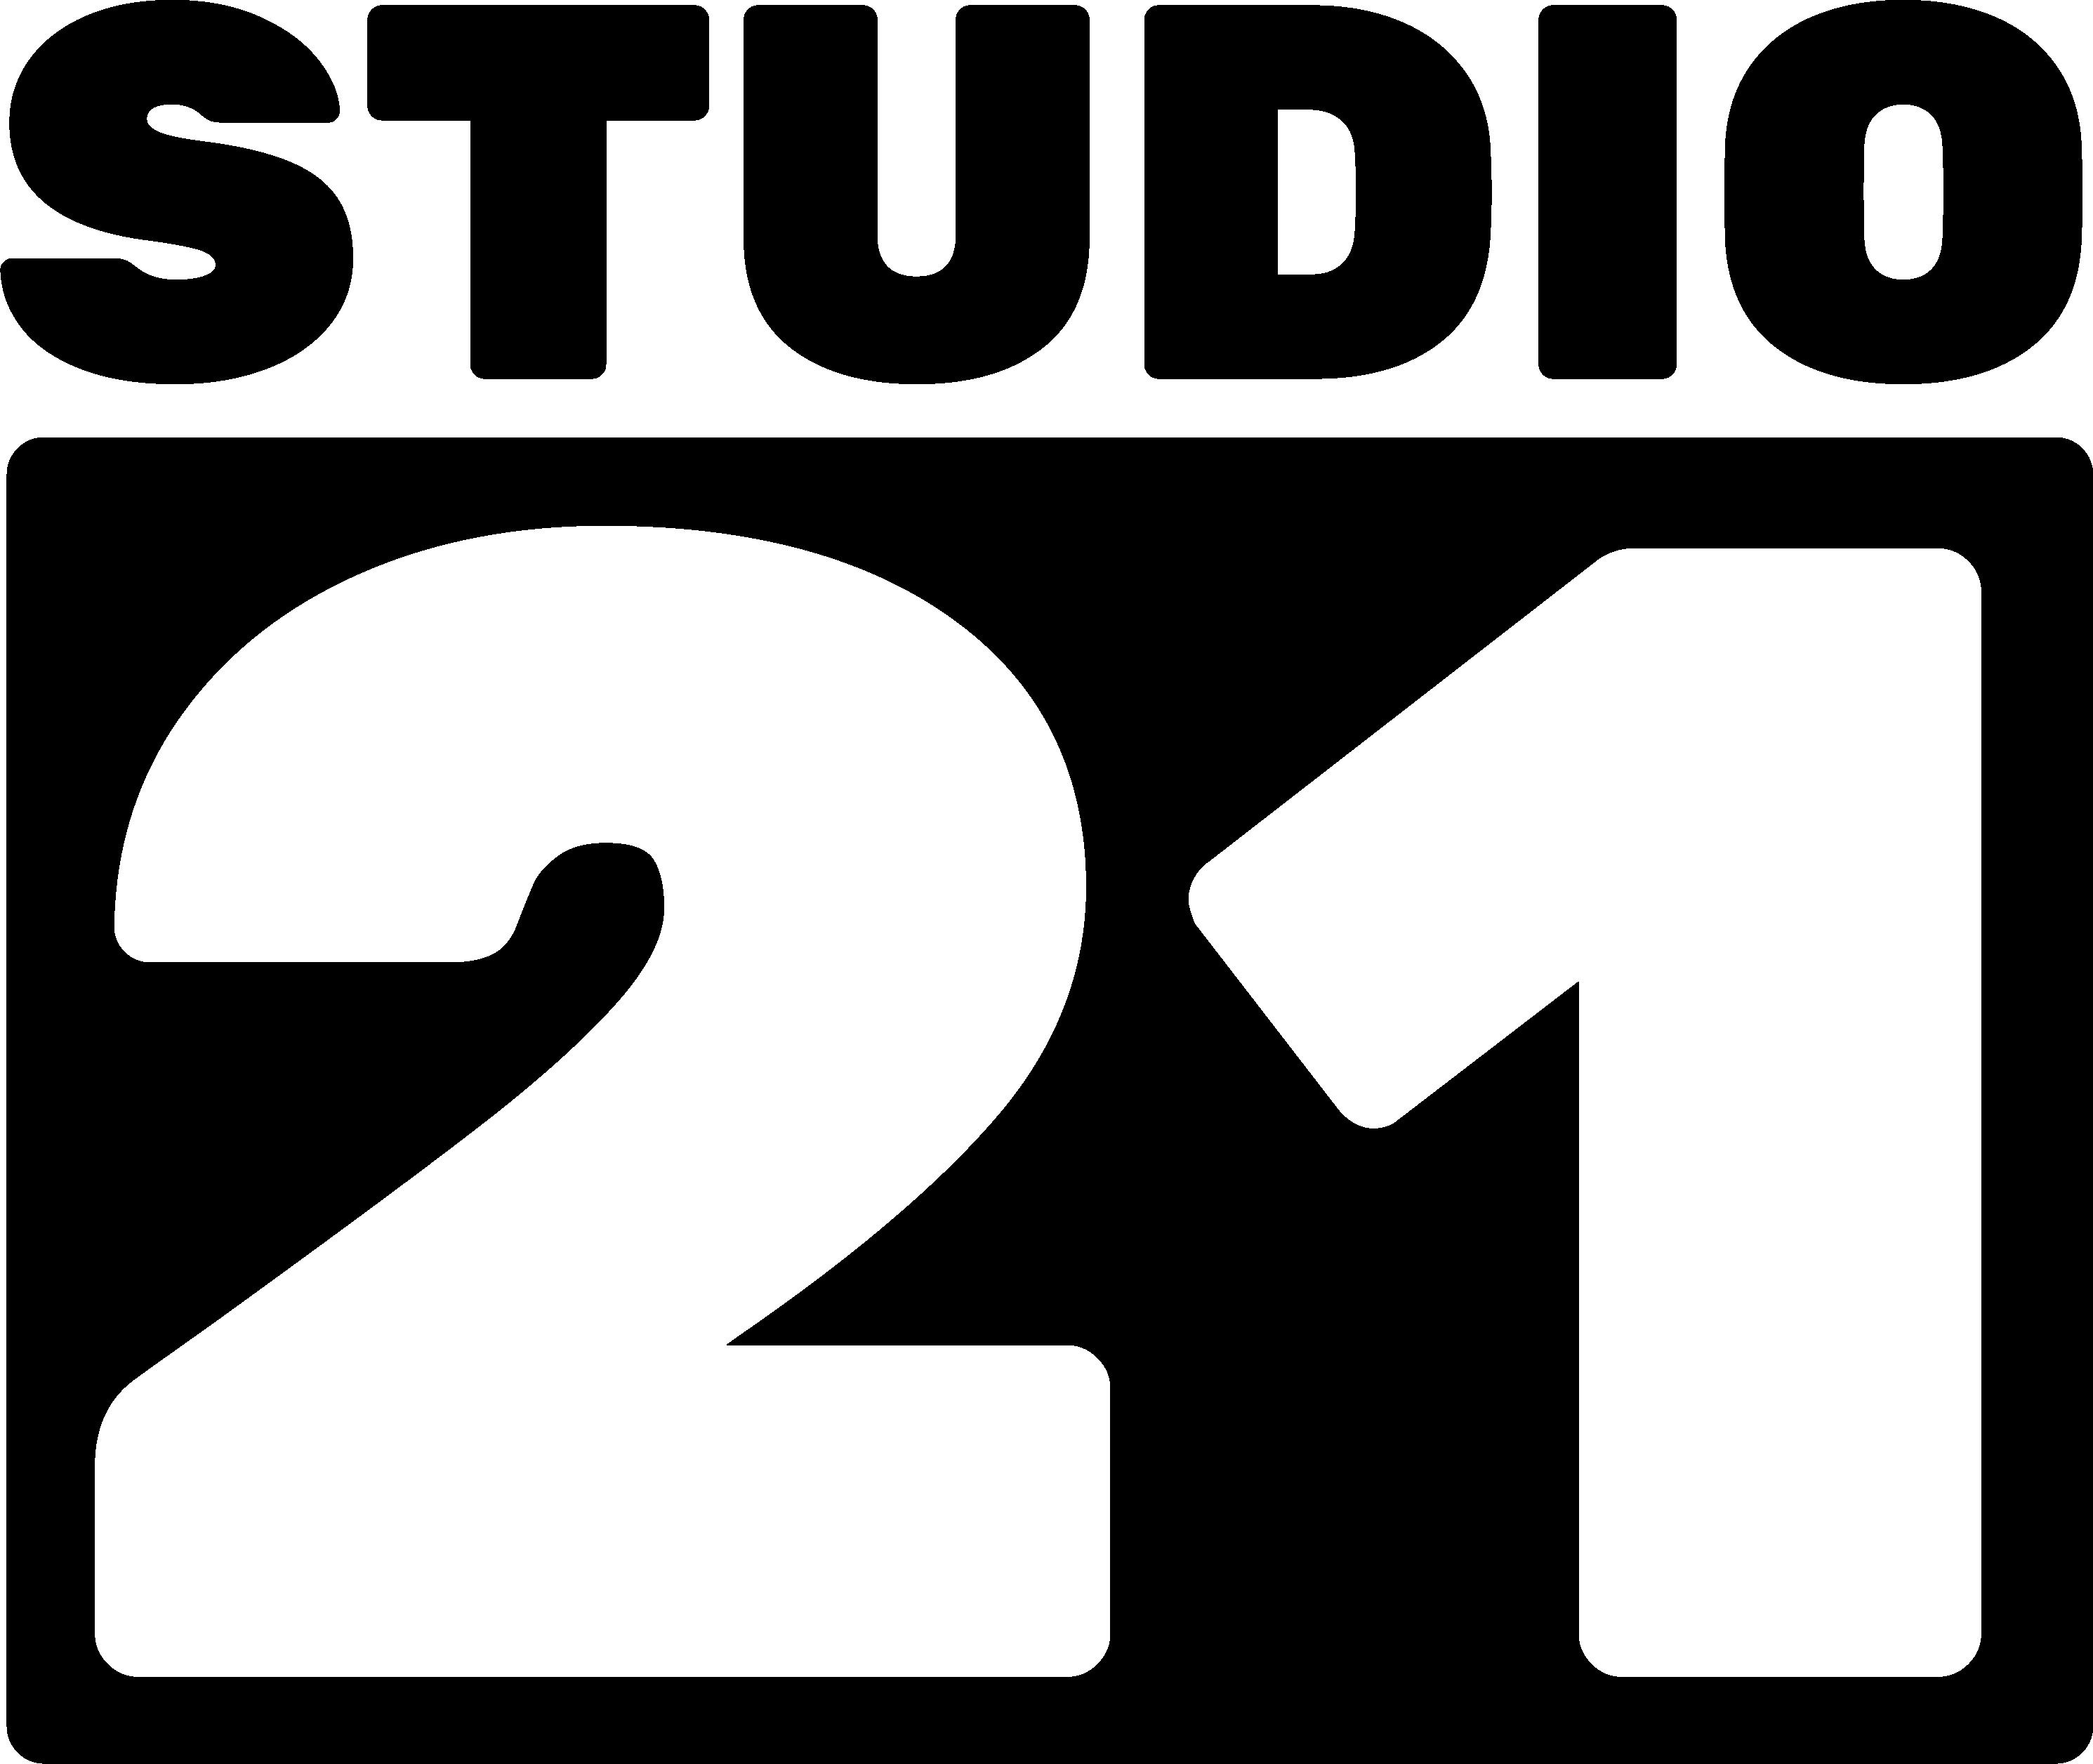 studio 21 television studio as unique event location